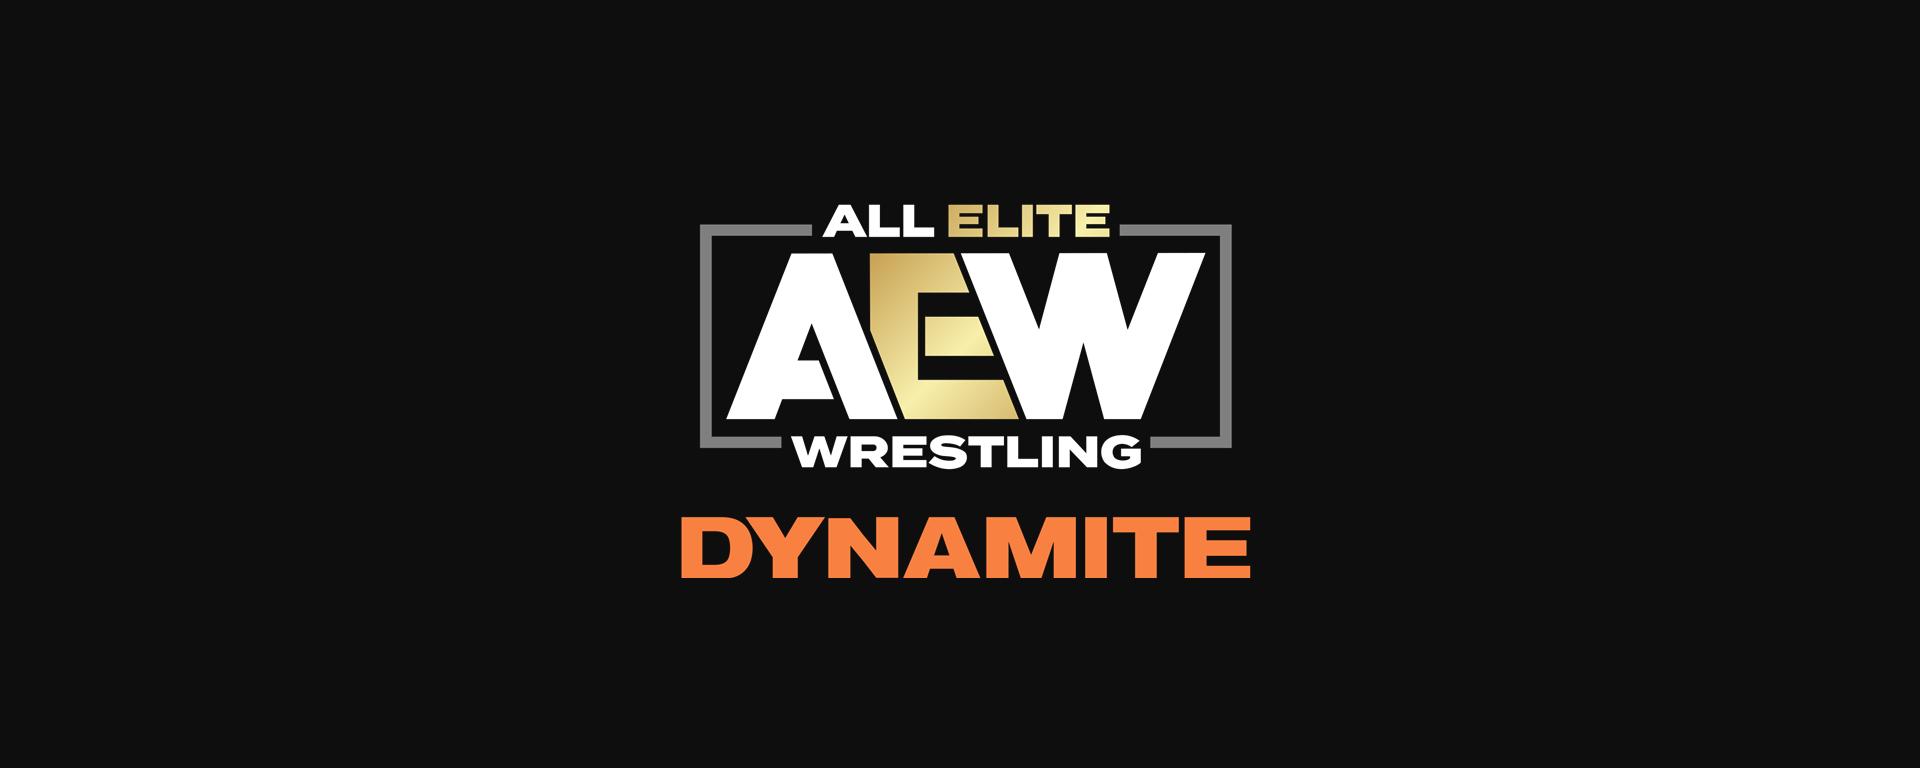 AEW Dynamite 11/20/19 Preview